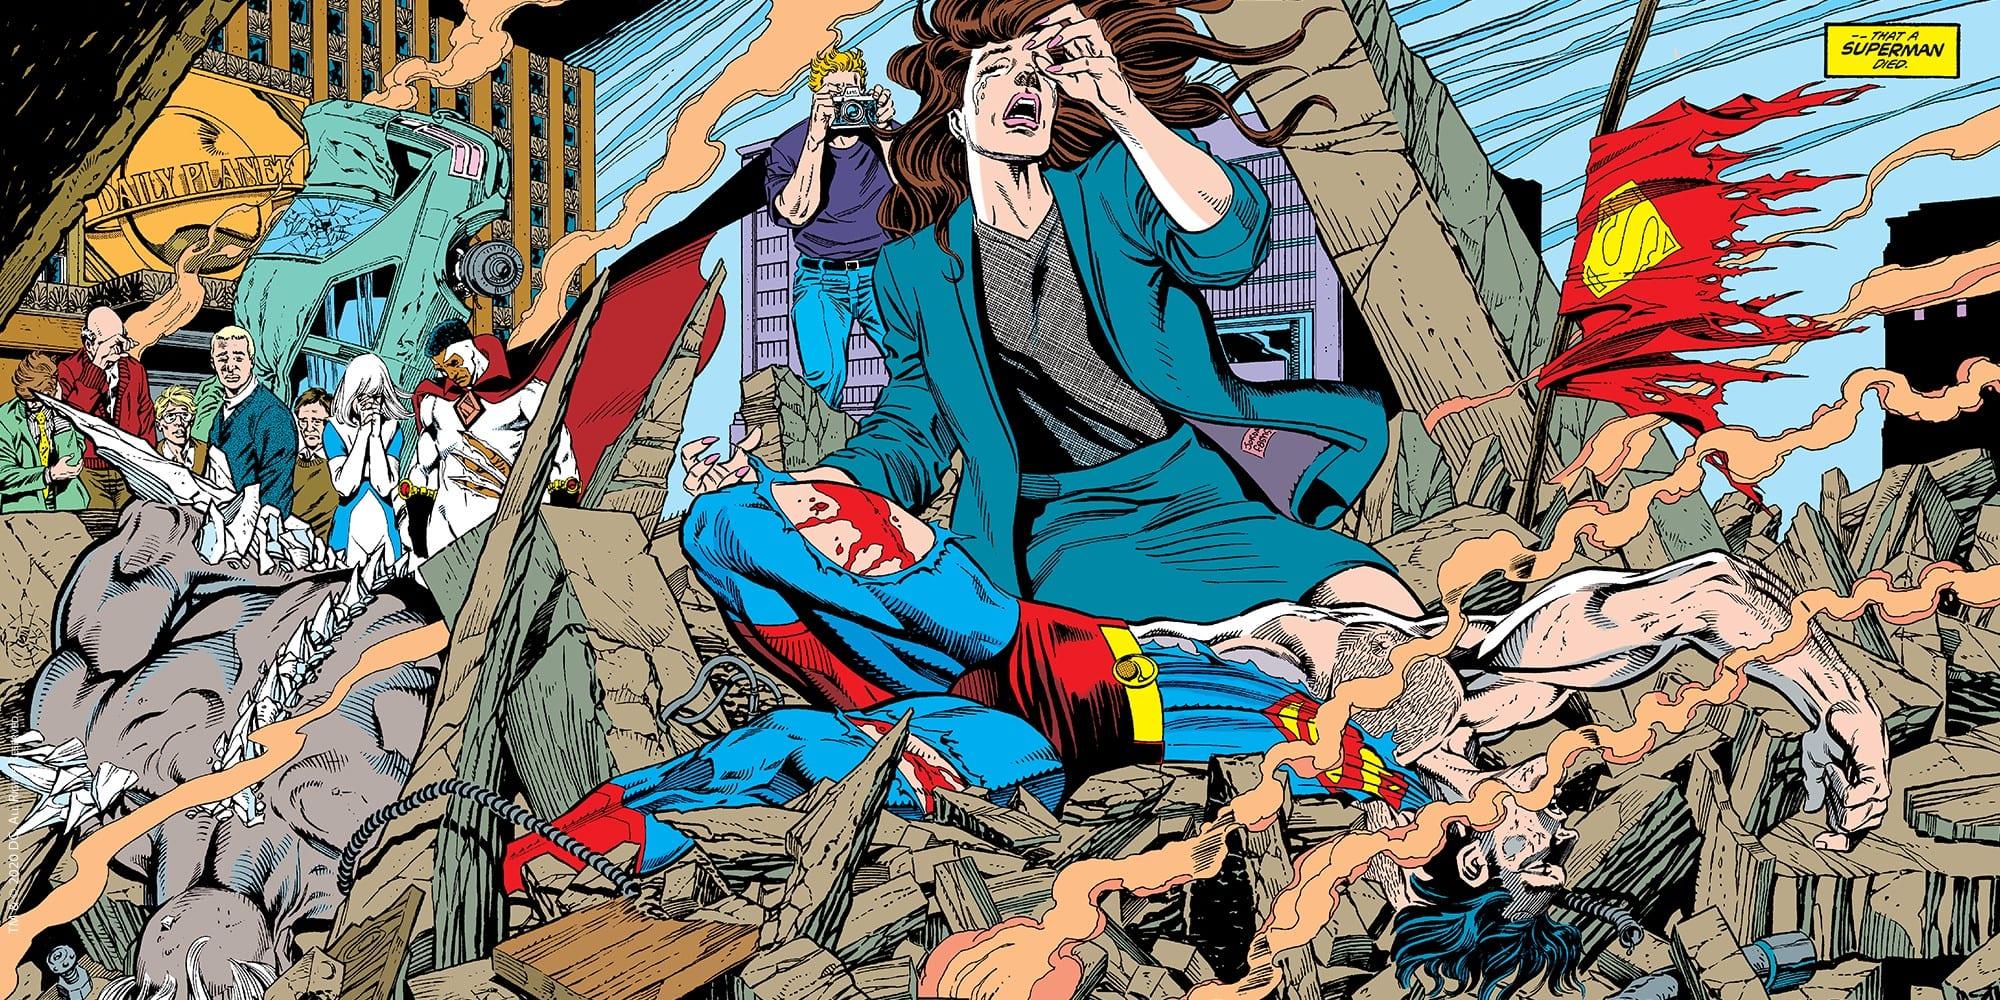 La morte e il ritorno di Superman: Panini corregge l'errore di stampa e aggiunge l'autografo di Dan Jurgens